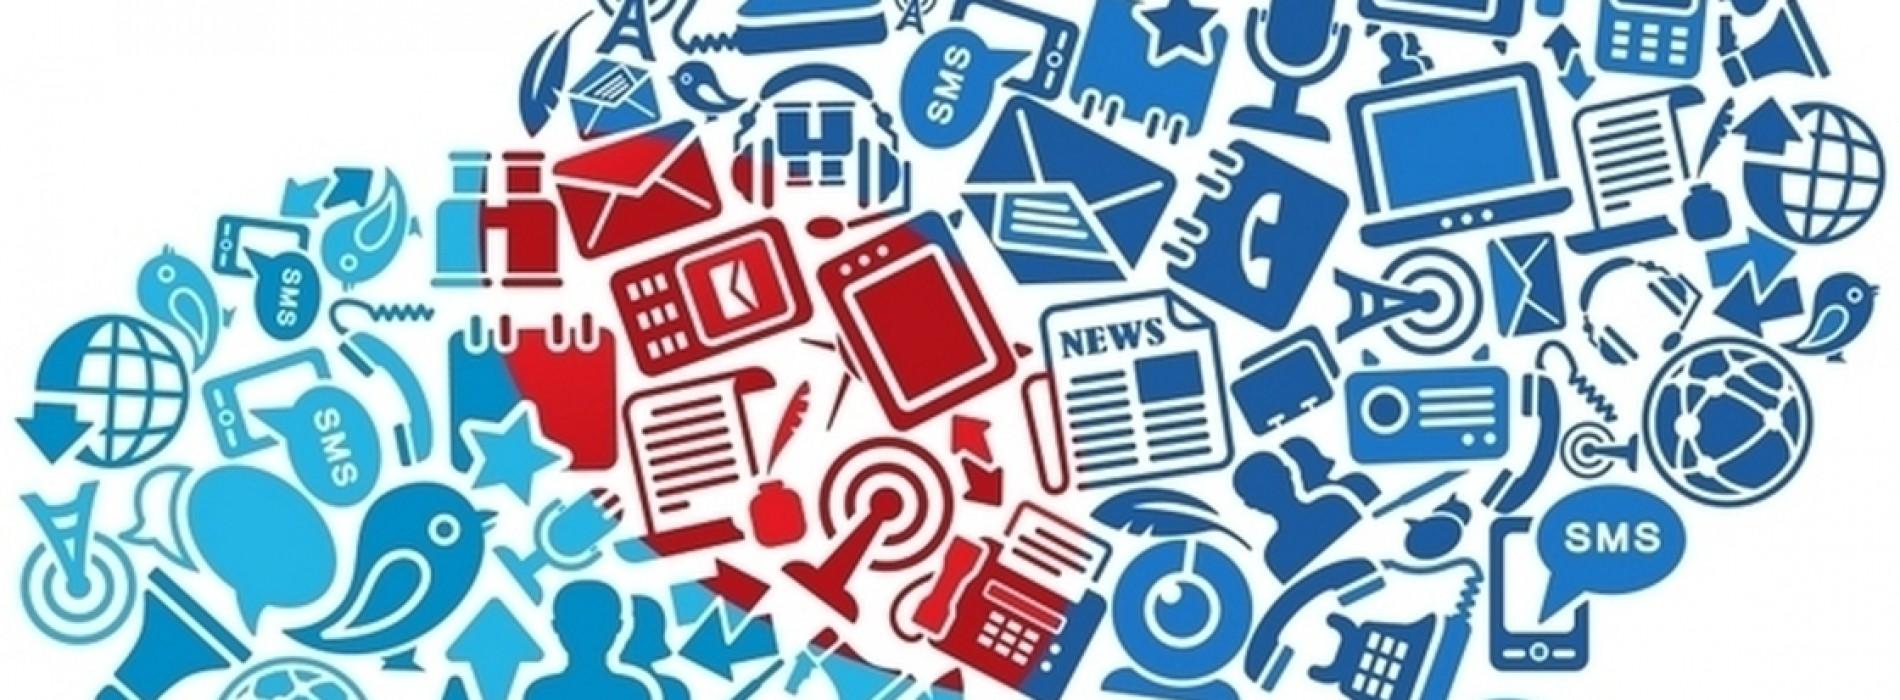 Crowdsourcing – firmy słuchają klientów